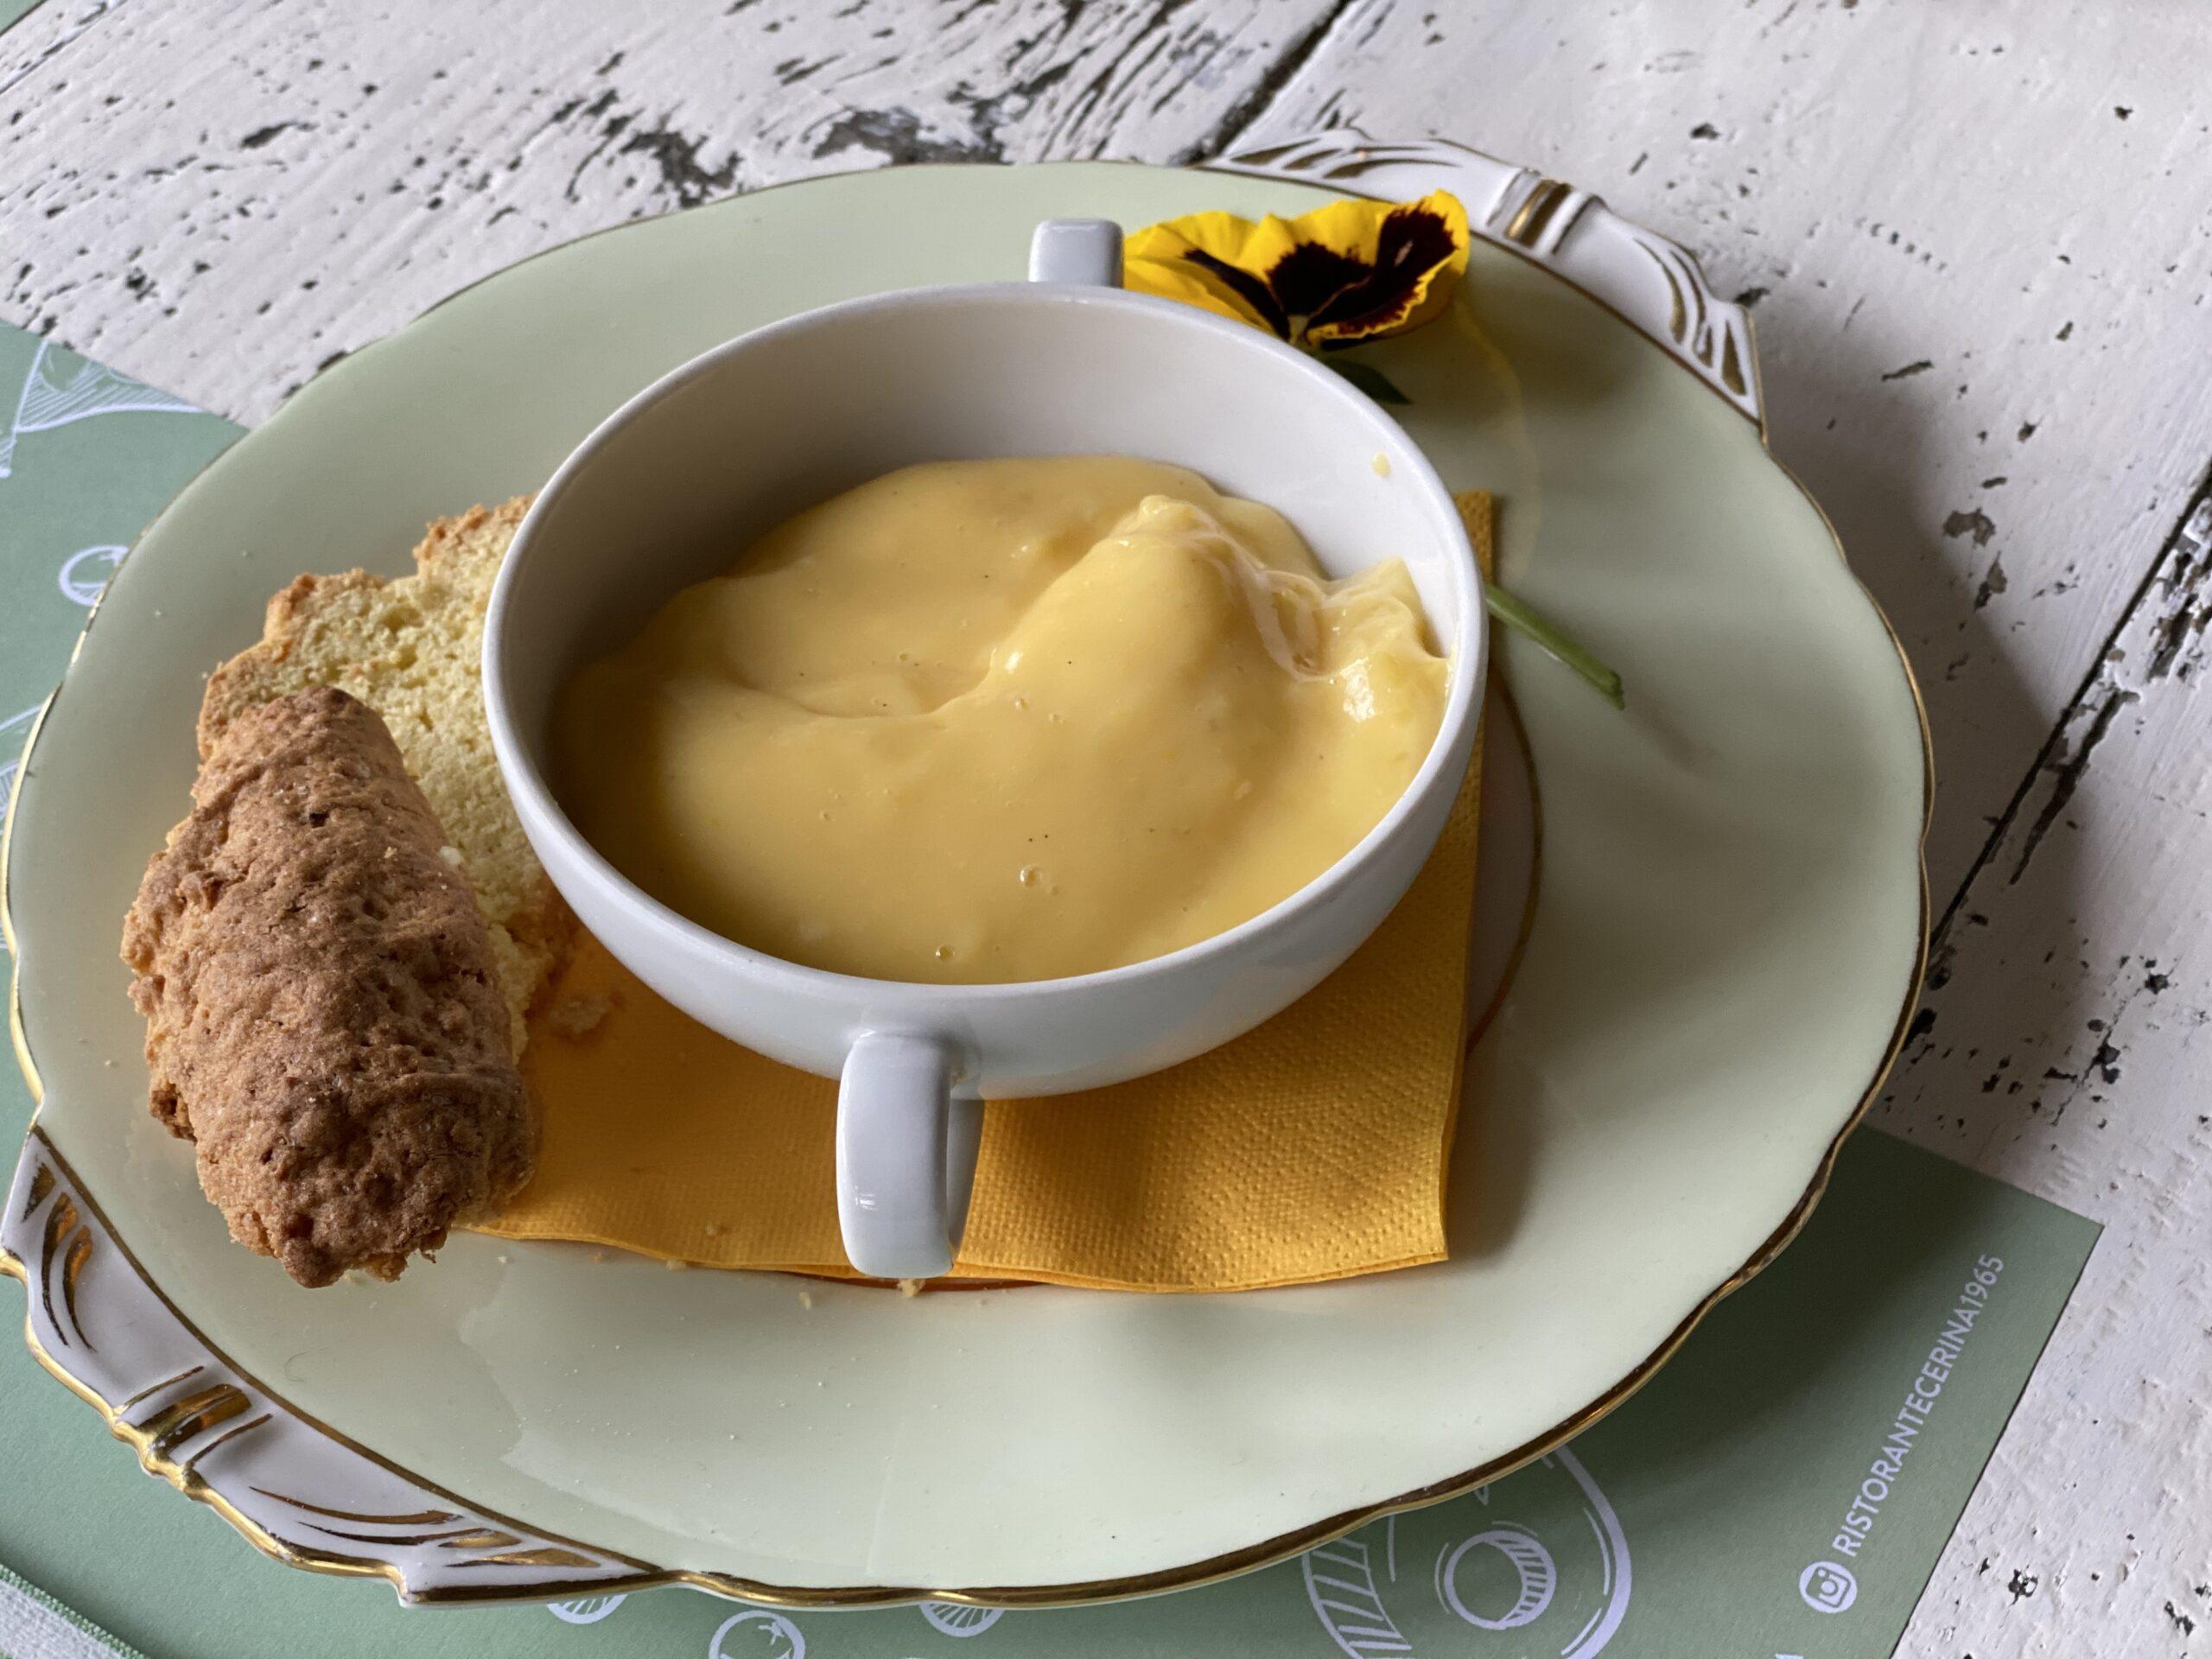 crema-gialla-romagnola